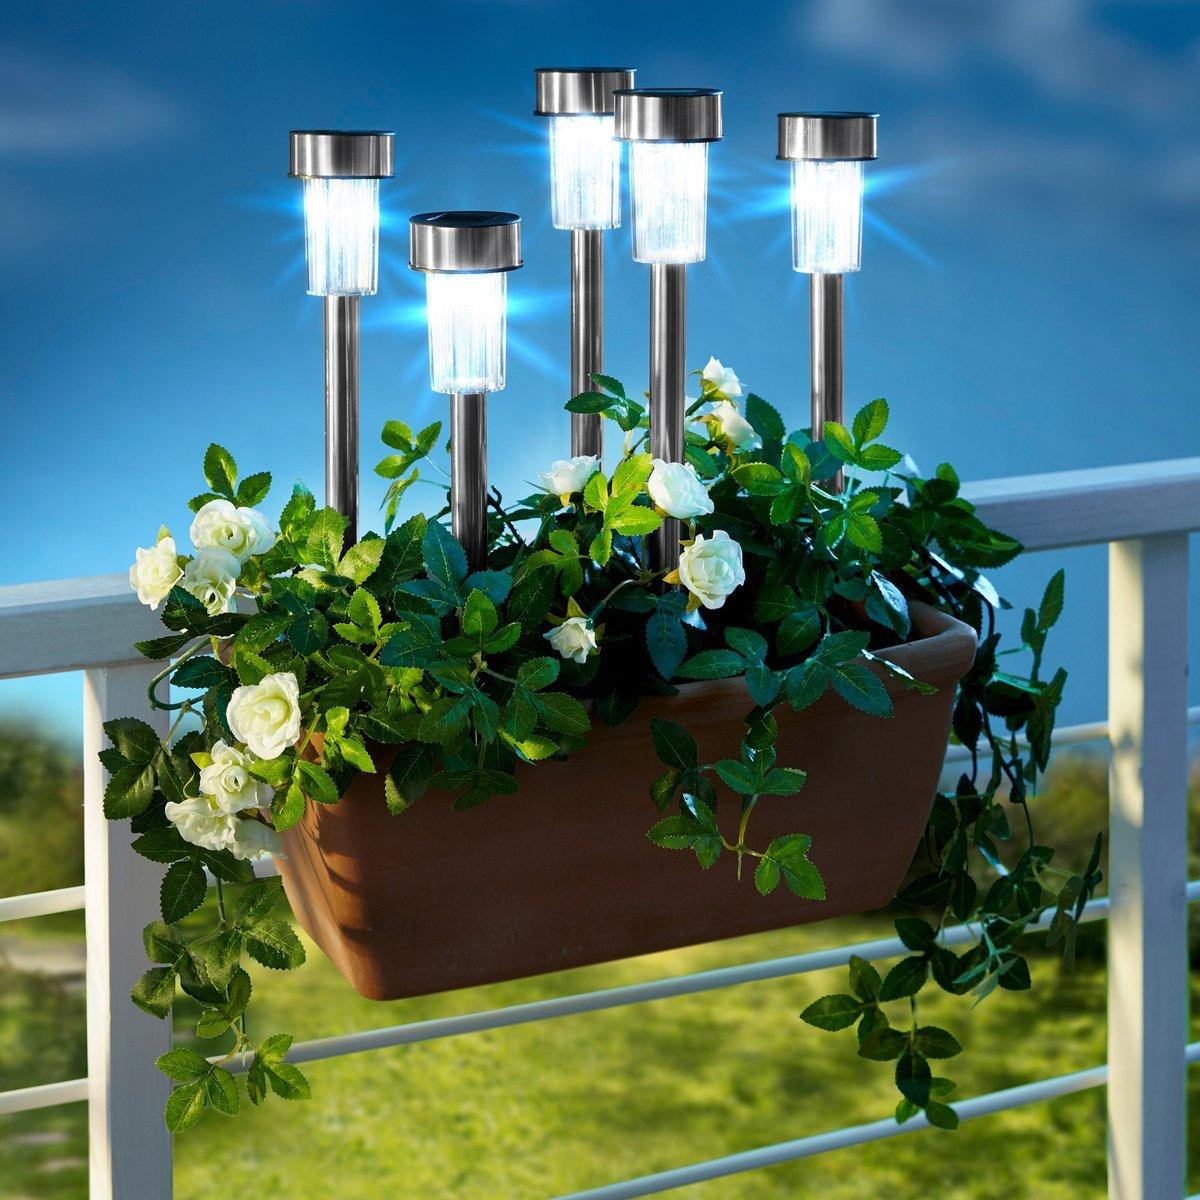 Pro Garden 07972-Baliza de luz solar, acero inoxidable, 36 cm, color plateado (7 unidades): Amazon.es: Jardín